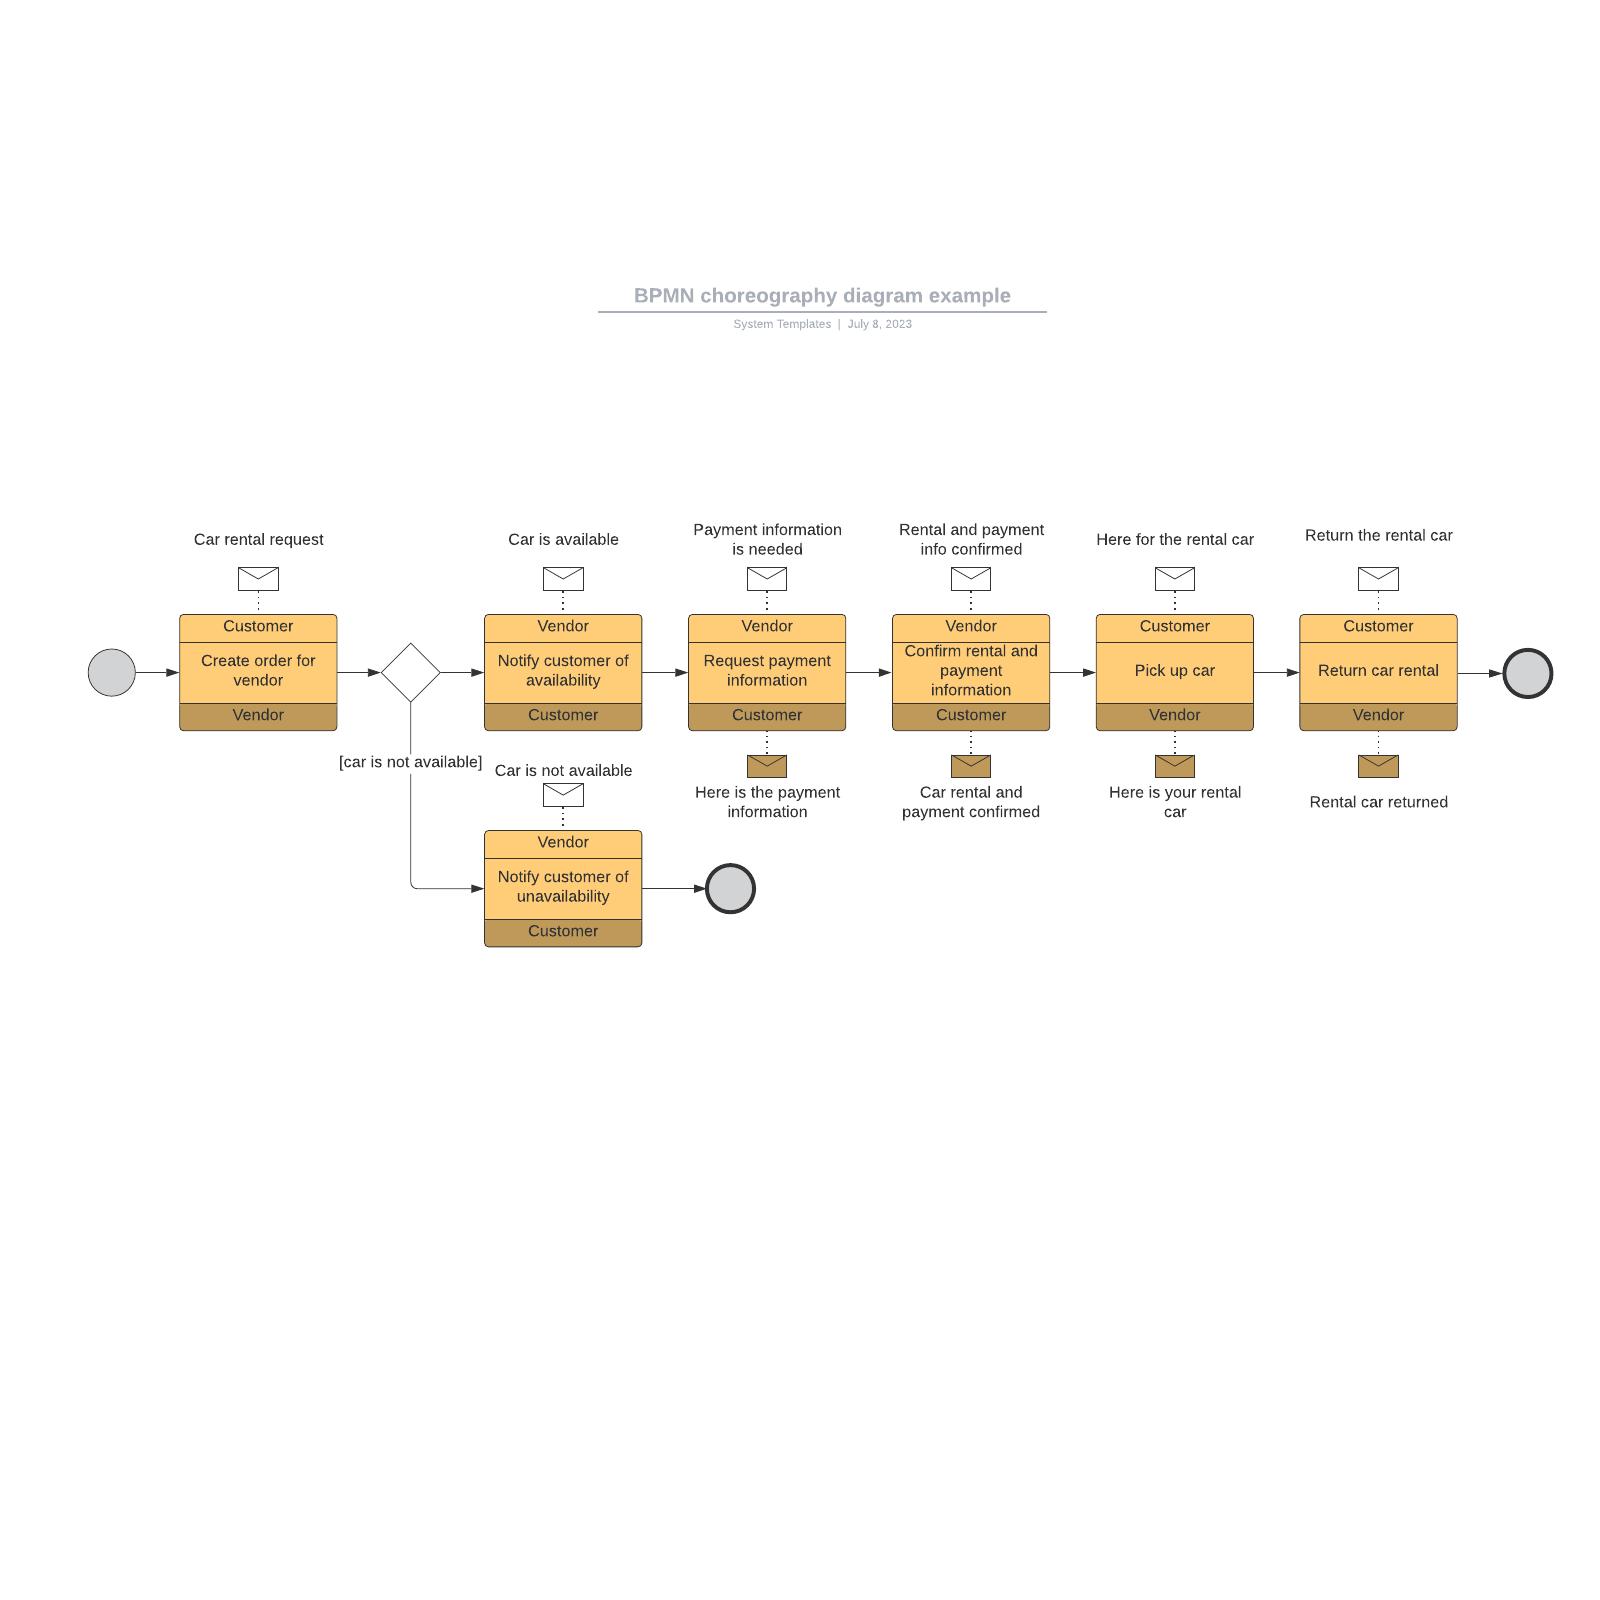 BPMN choreography diagram example